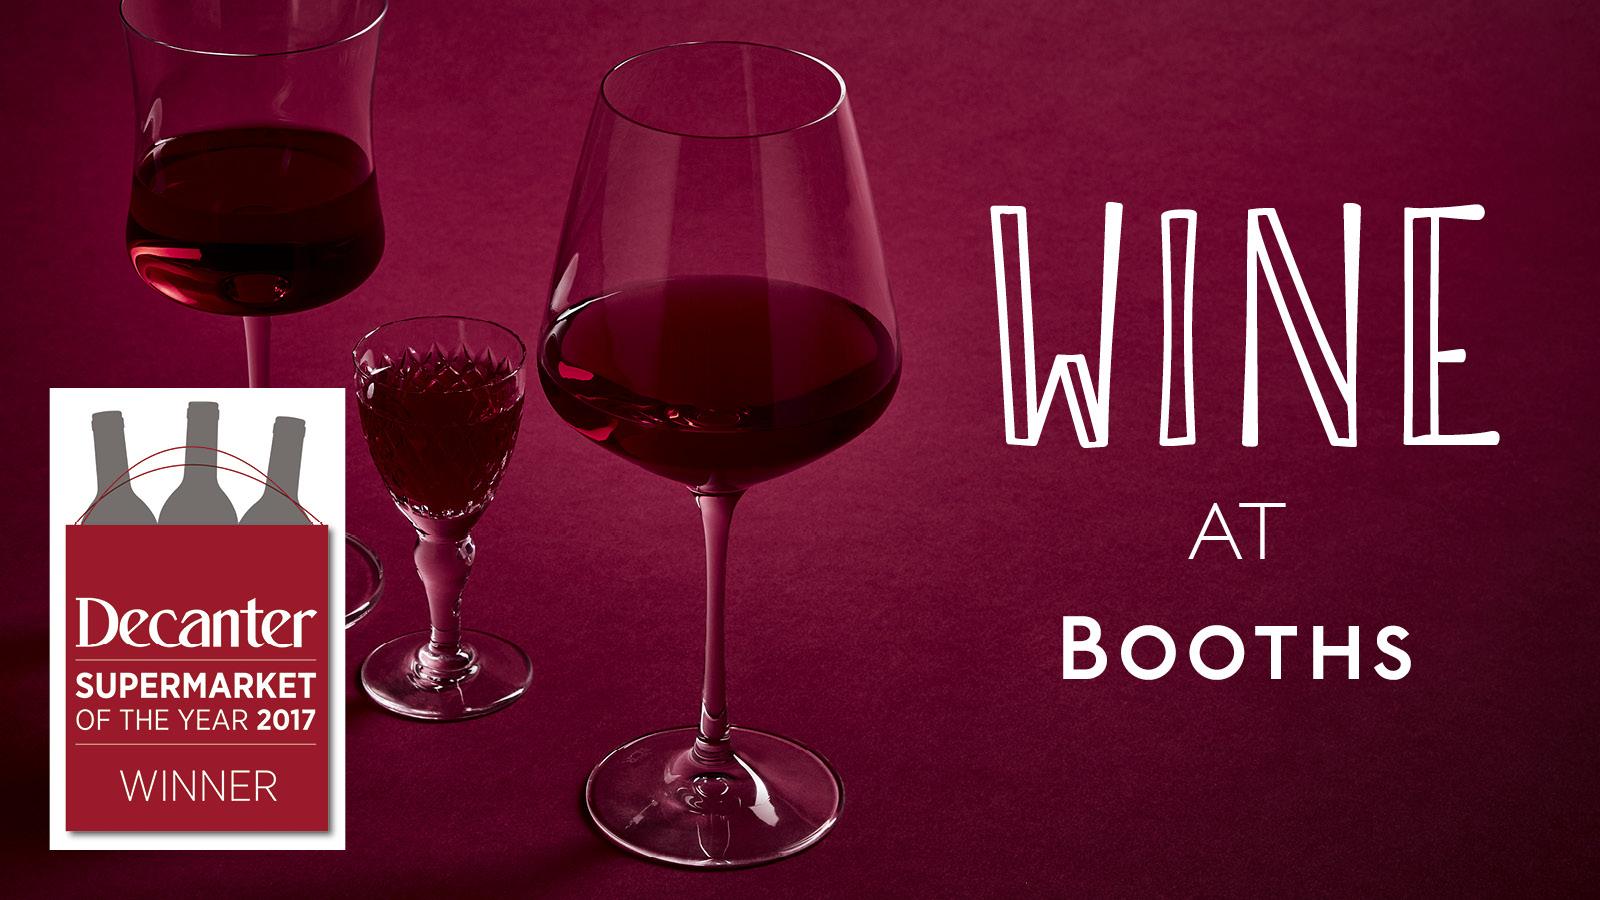 wine webpage